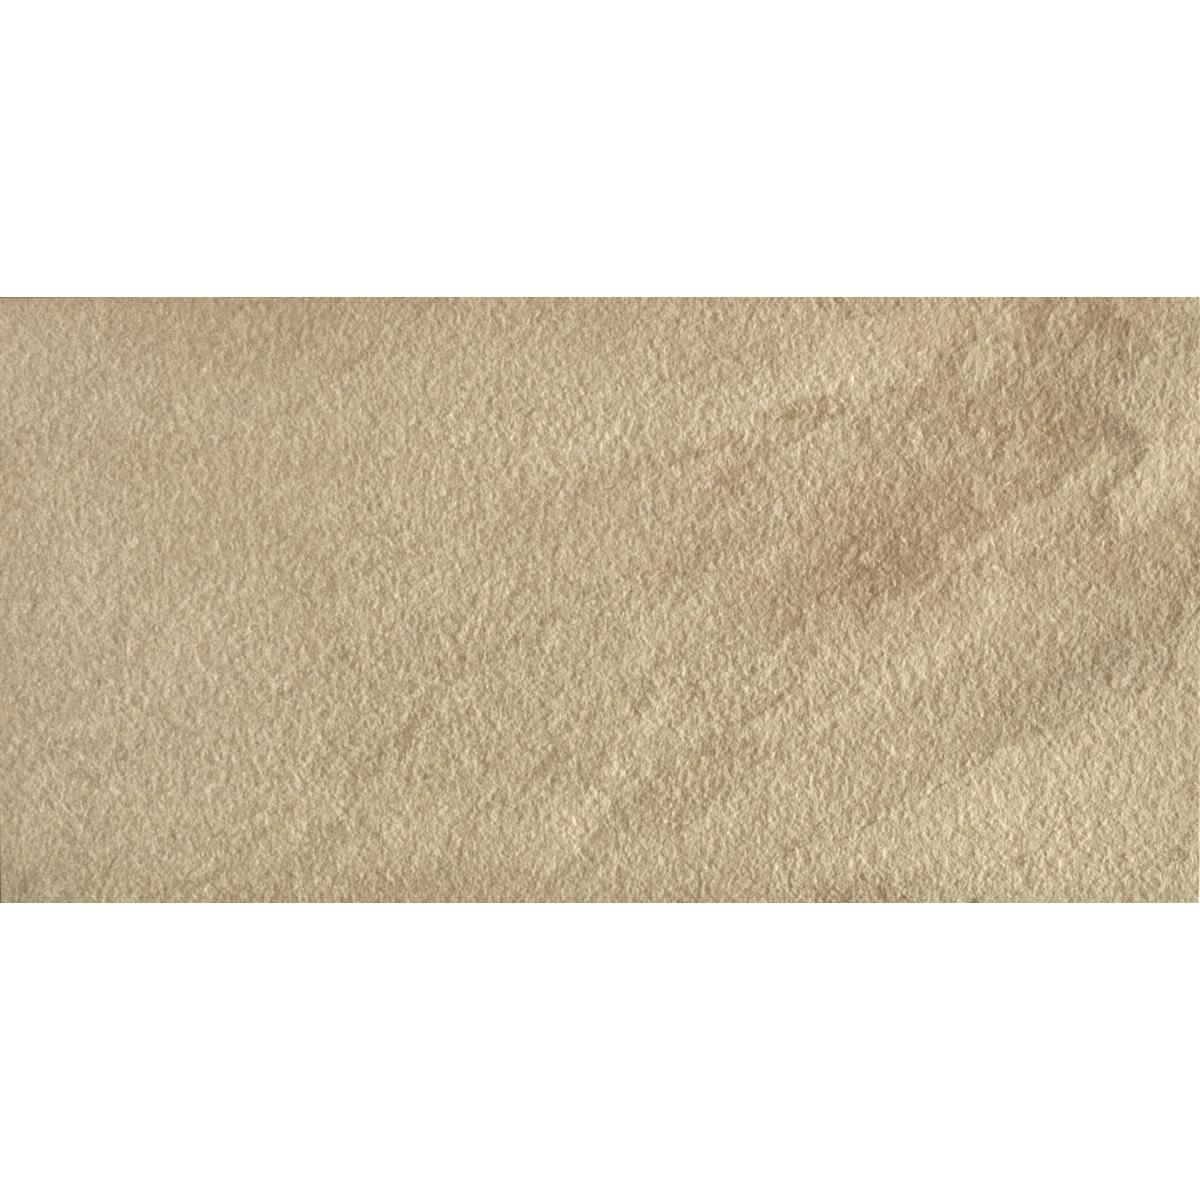 Texturado Libia (m2) - Serie Texturado - Marca GrecoGres